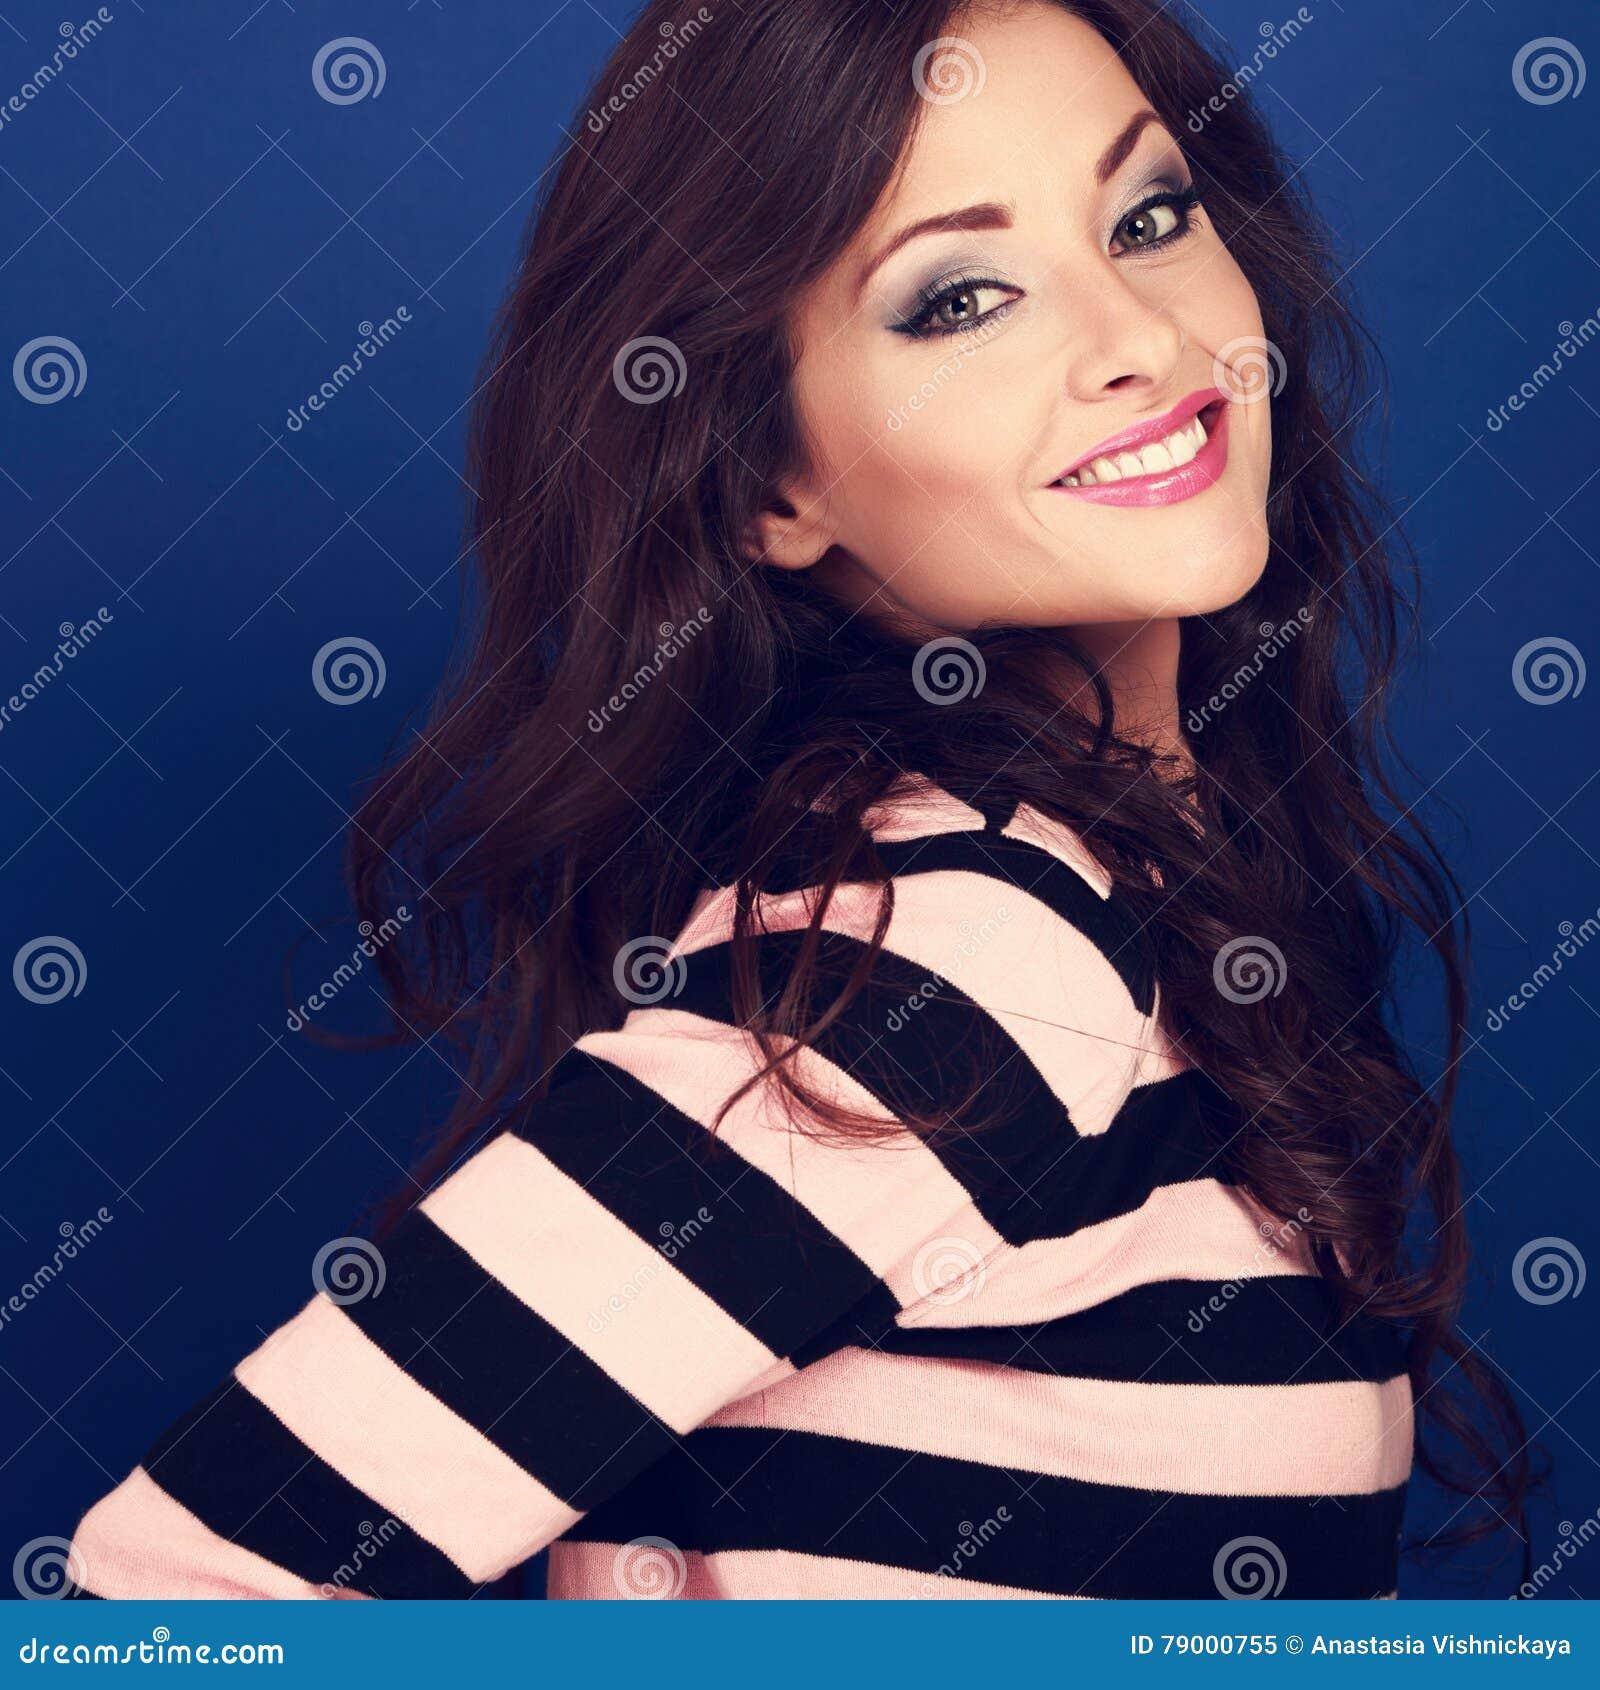 La mujer sonriente hermosa con la mirada larga rizada del estilo de pelo frien